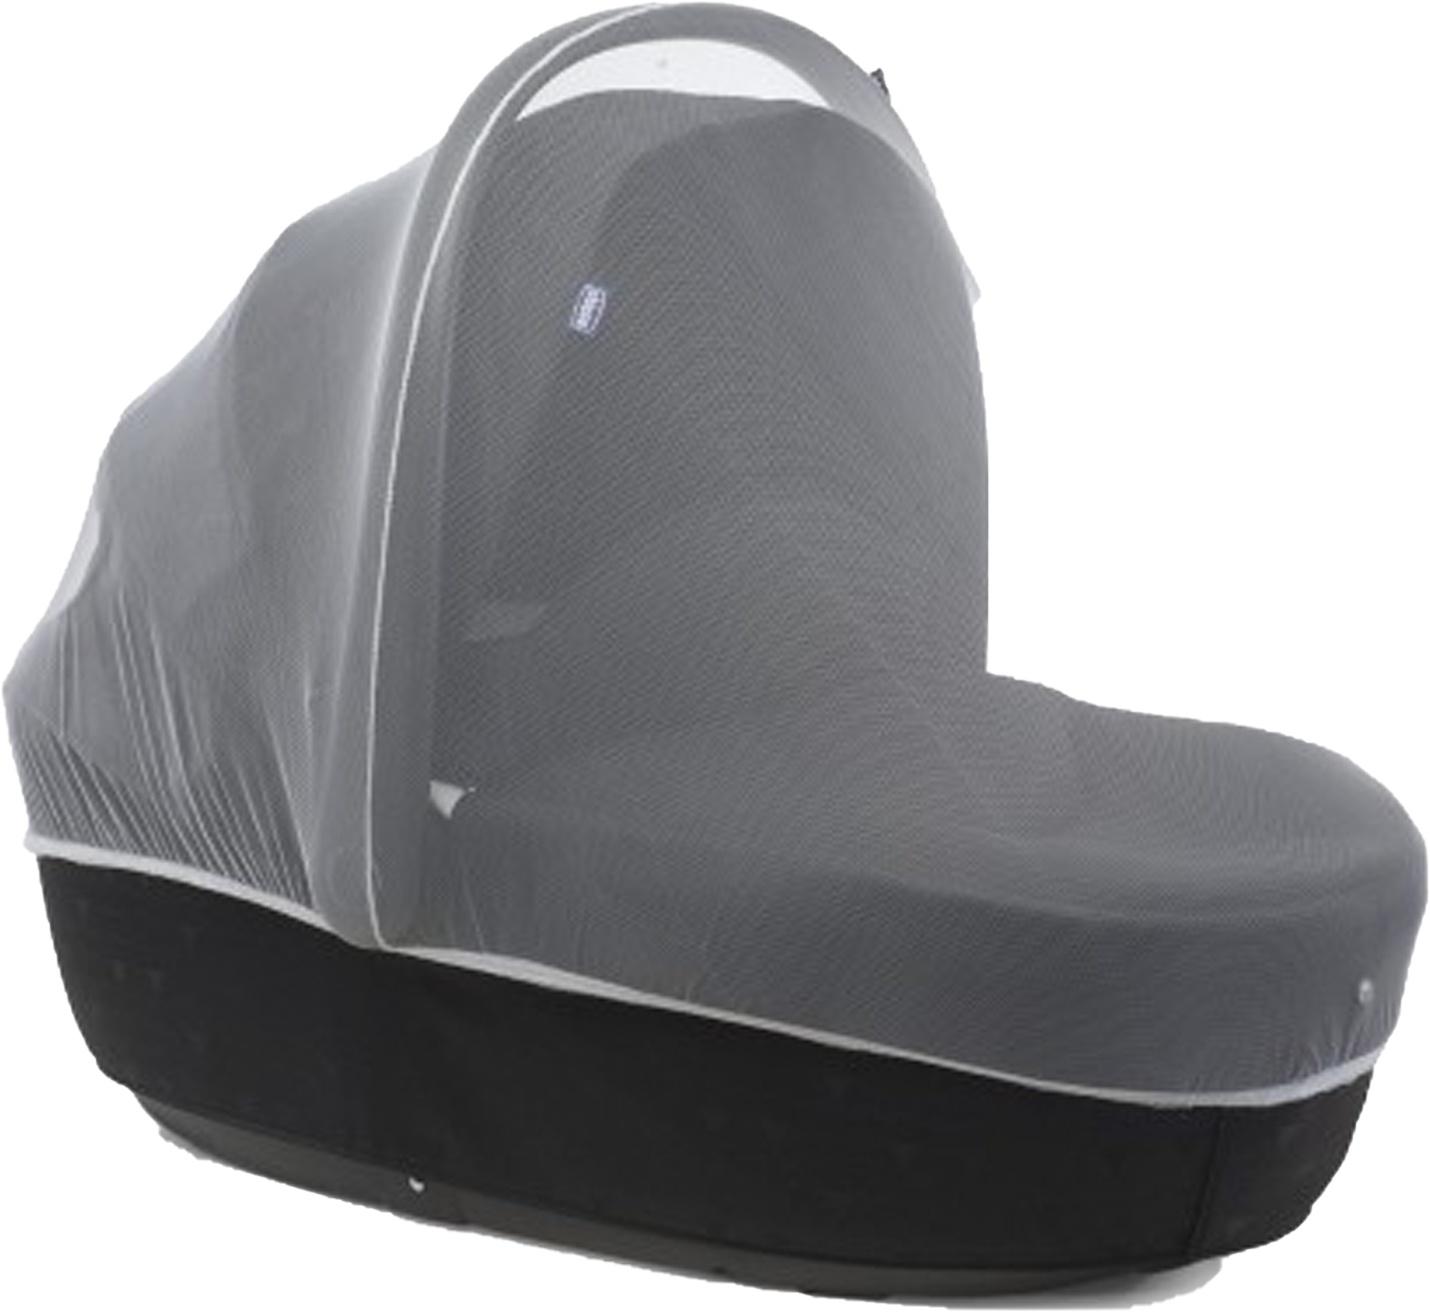 Аксессуар для колясок Chicco 66813 аксессуары для колясок витоша защитная сетка от насекомых для коляски